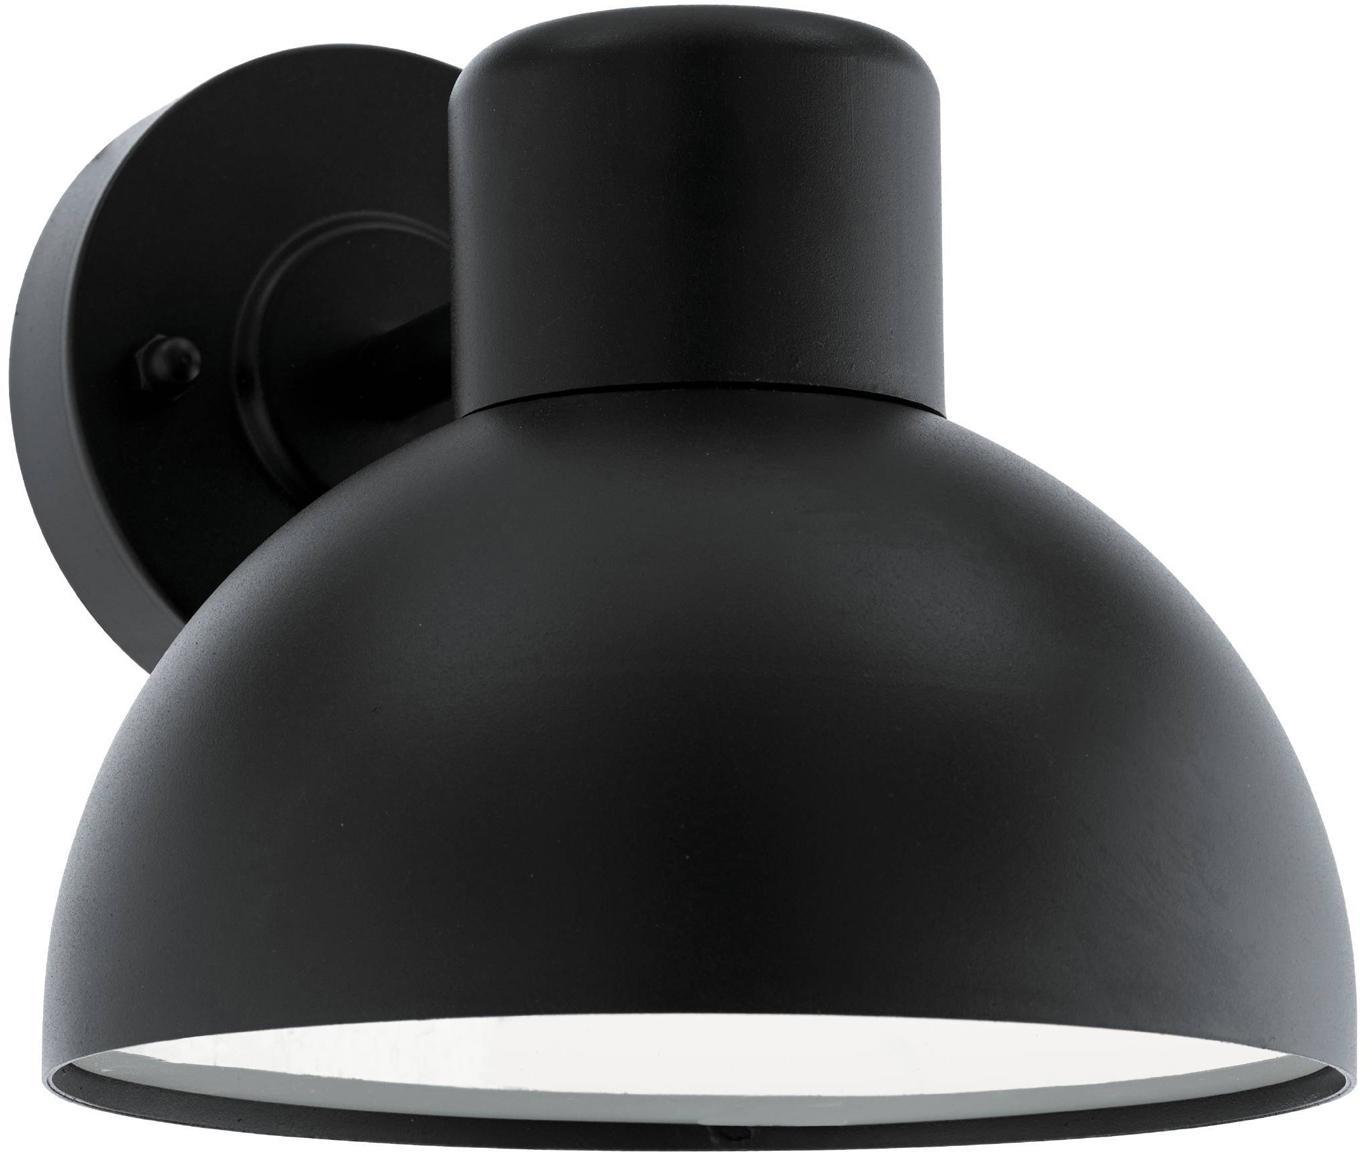 Outdoor wandlamp Entrimo, Verzinkt staal, kunststof, Zwart, 20 x 19 cm